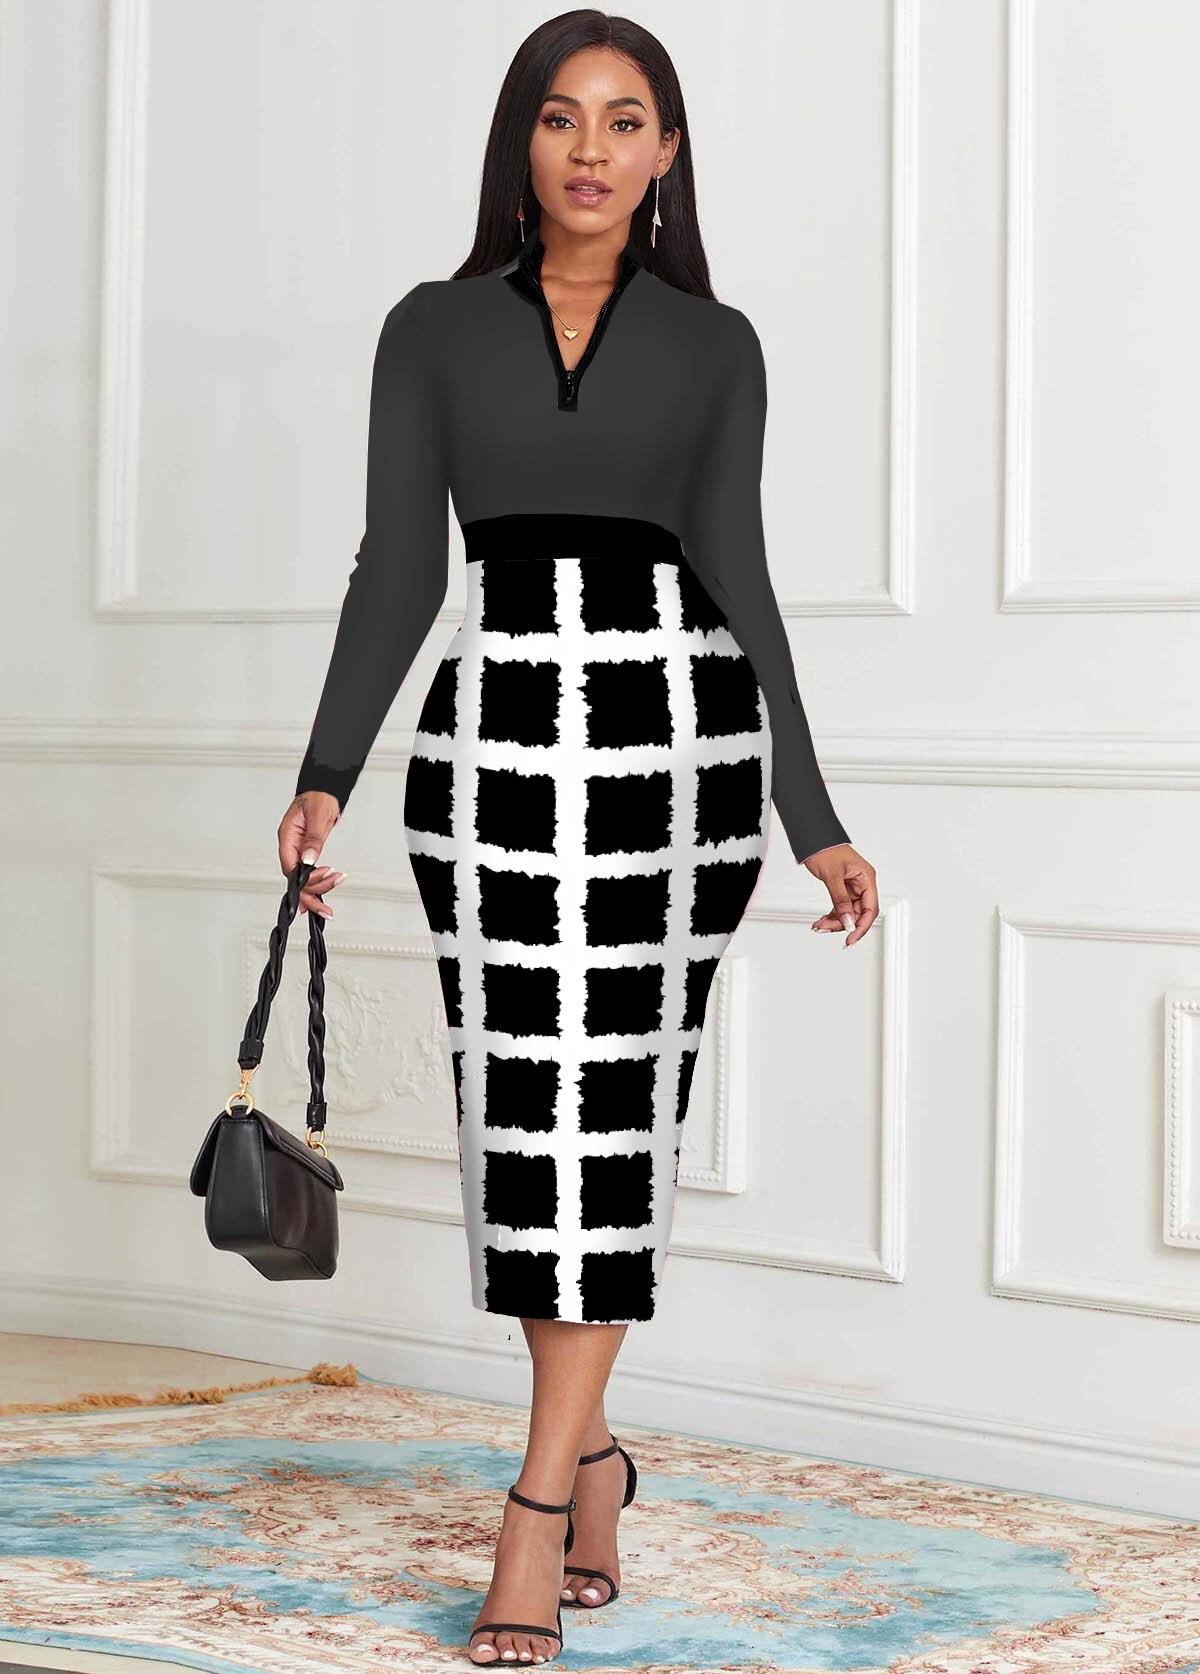 Checkered Long Sleeve Zipper Detail Dress